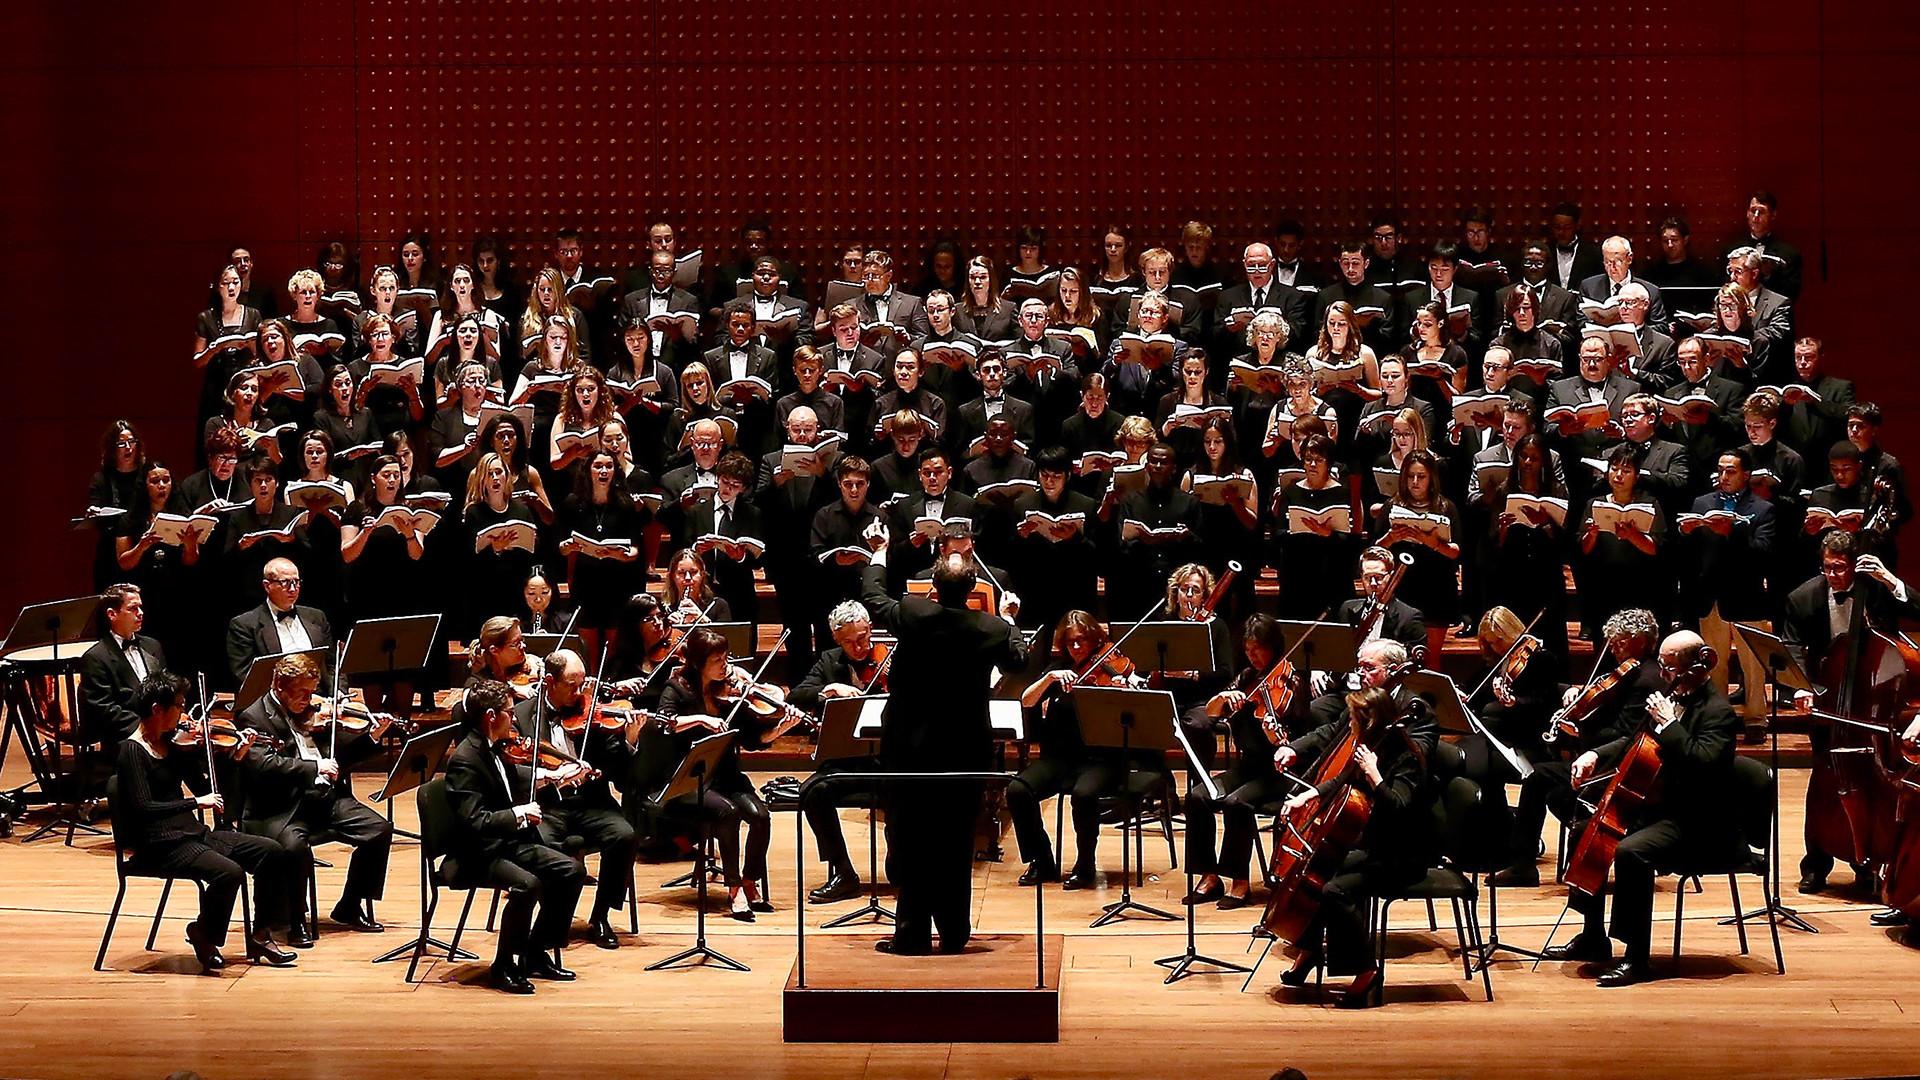 About the Manhattan Choral Ensemble